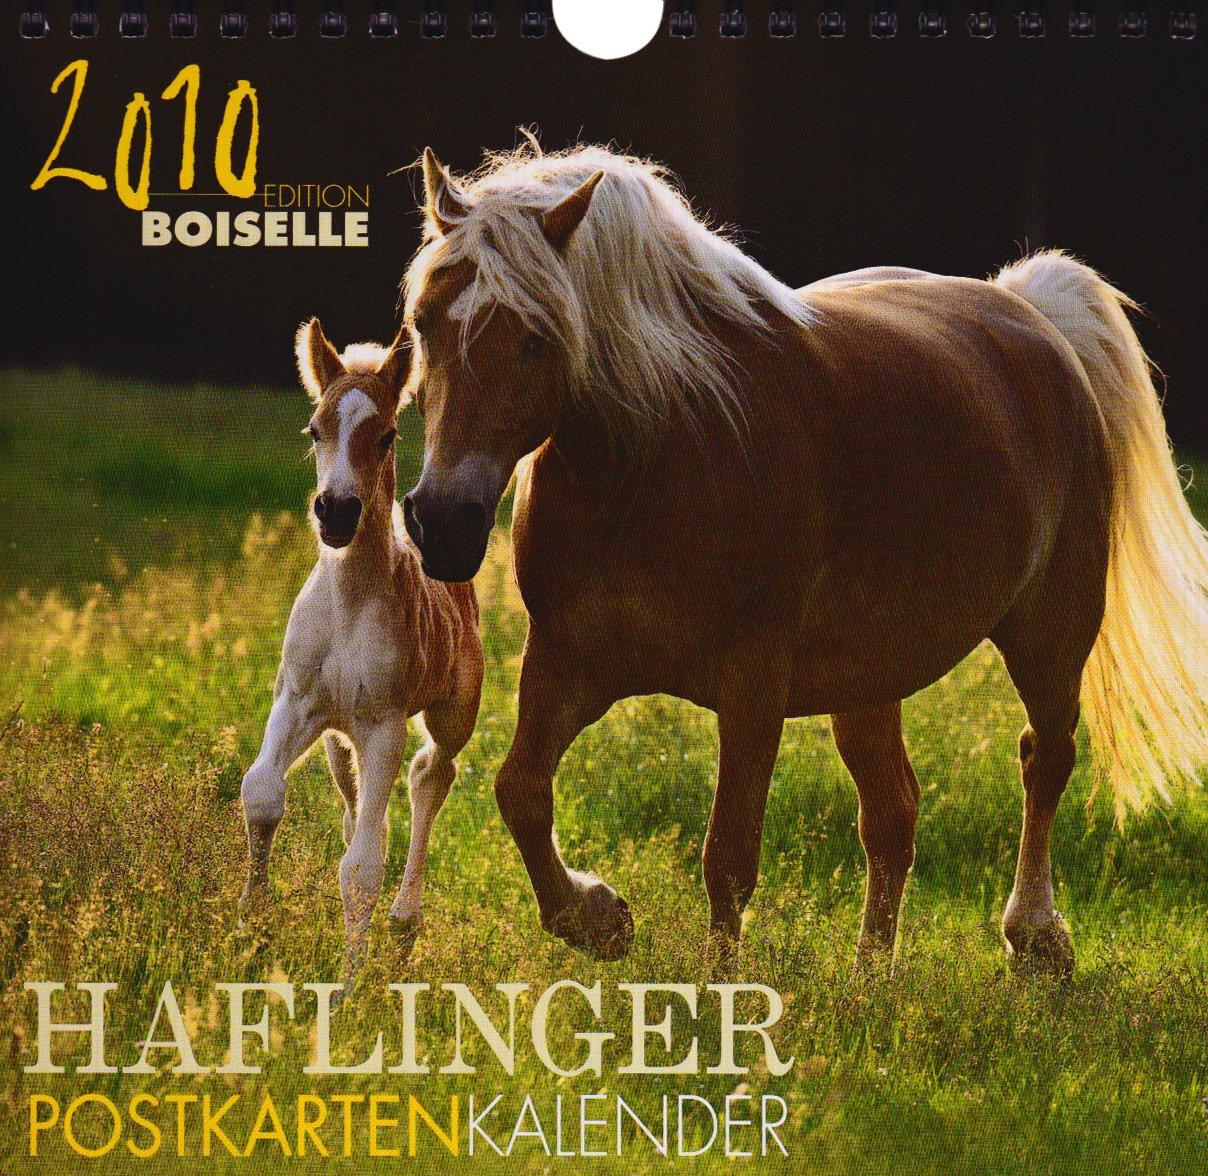 Haflingerpostkartenkalender 2010